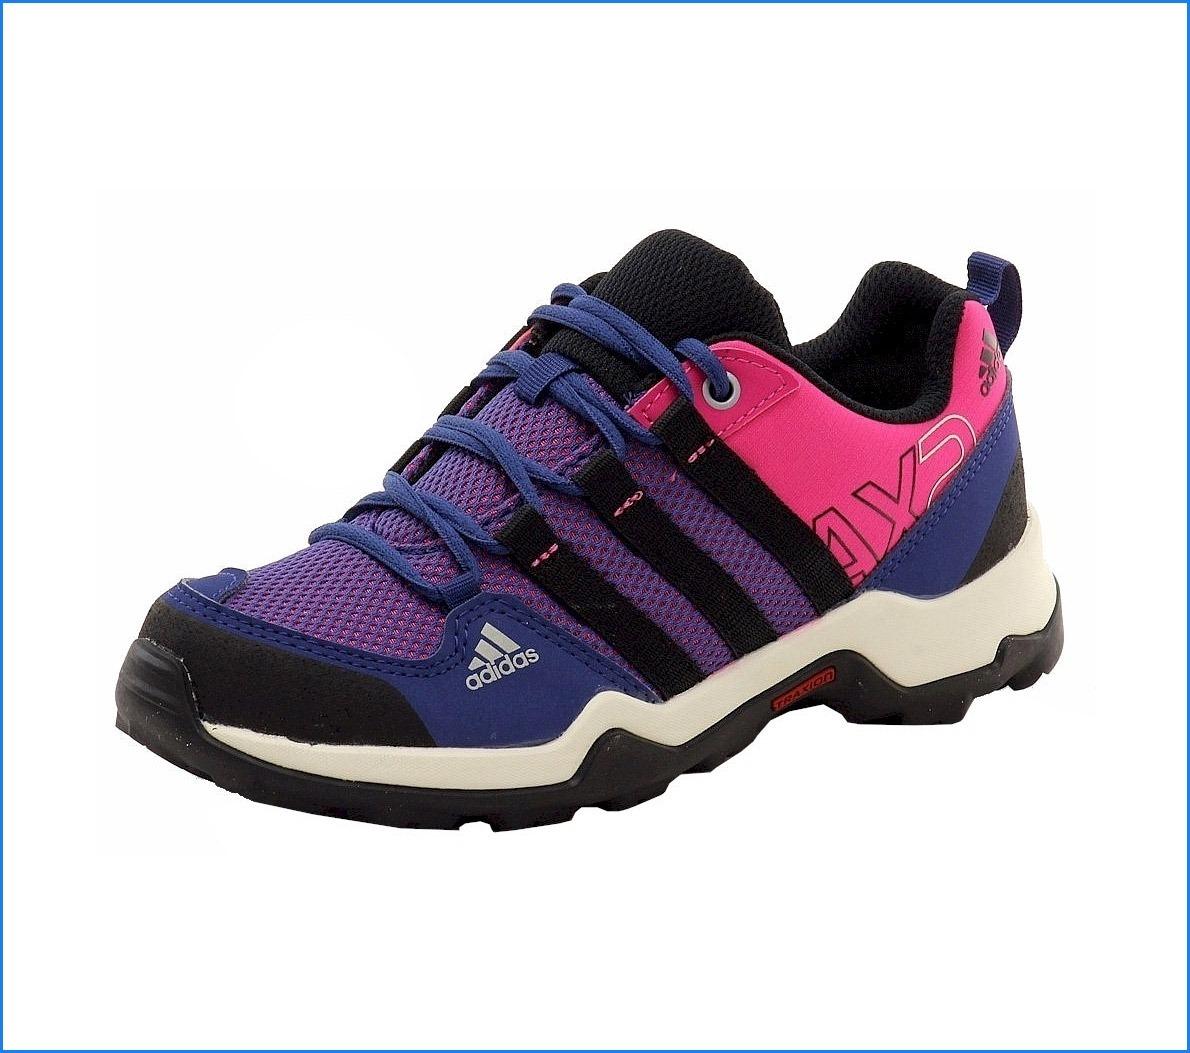 b87abd346413c oferta zapatillas adidas ax2 para niños us 5.5 eu 38 ndpj. Cargando zoom.